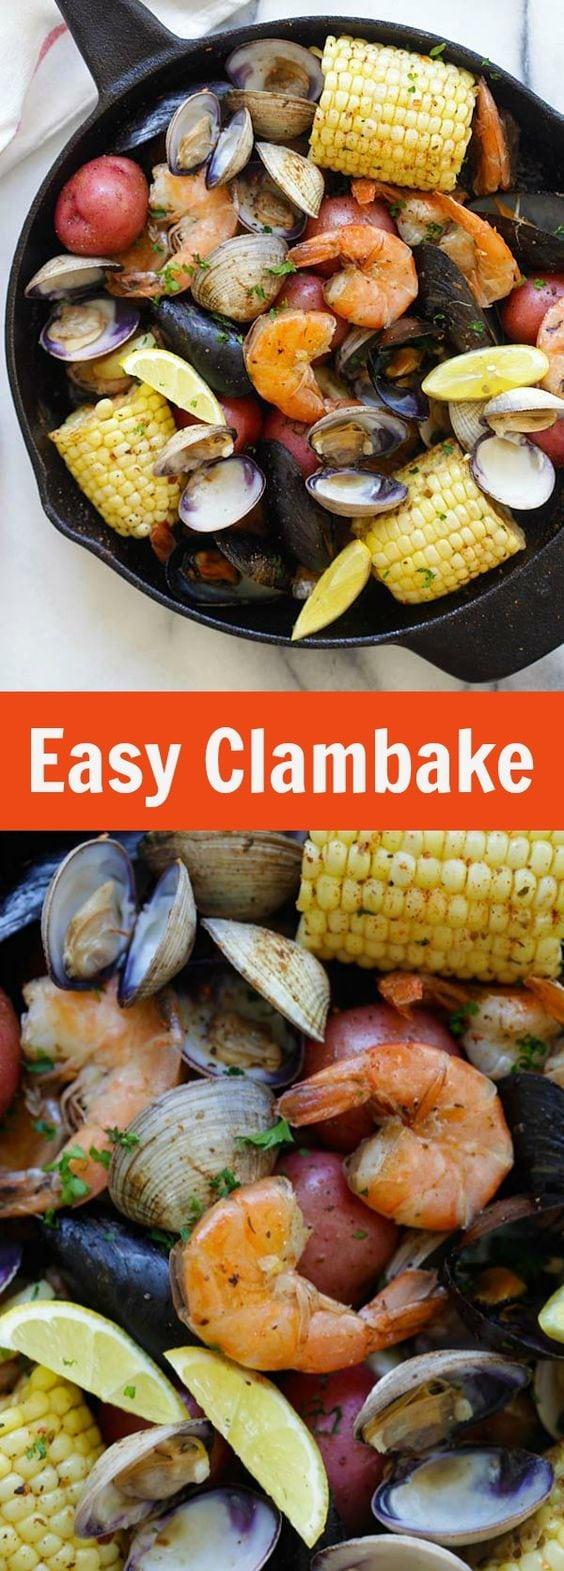 Clambake - la recette de clambake la plus simple et la plus simple de tous les temps, cuite sur une cuisinière avec une poêle.  Frais, délicieux et parfait pour l'été |  rasamalaysia.com